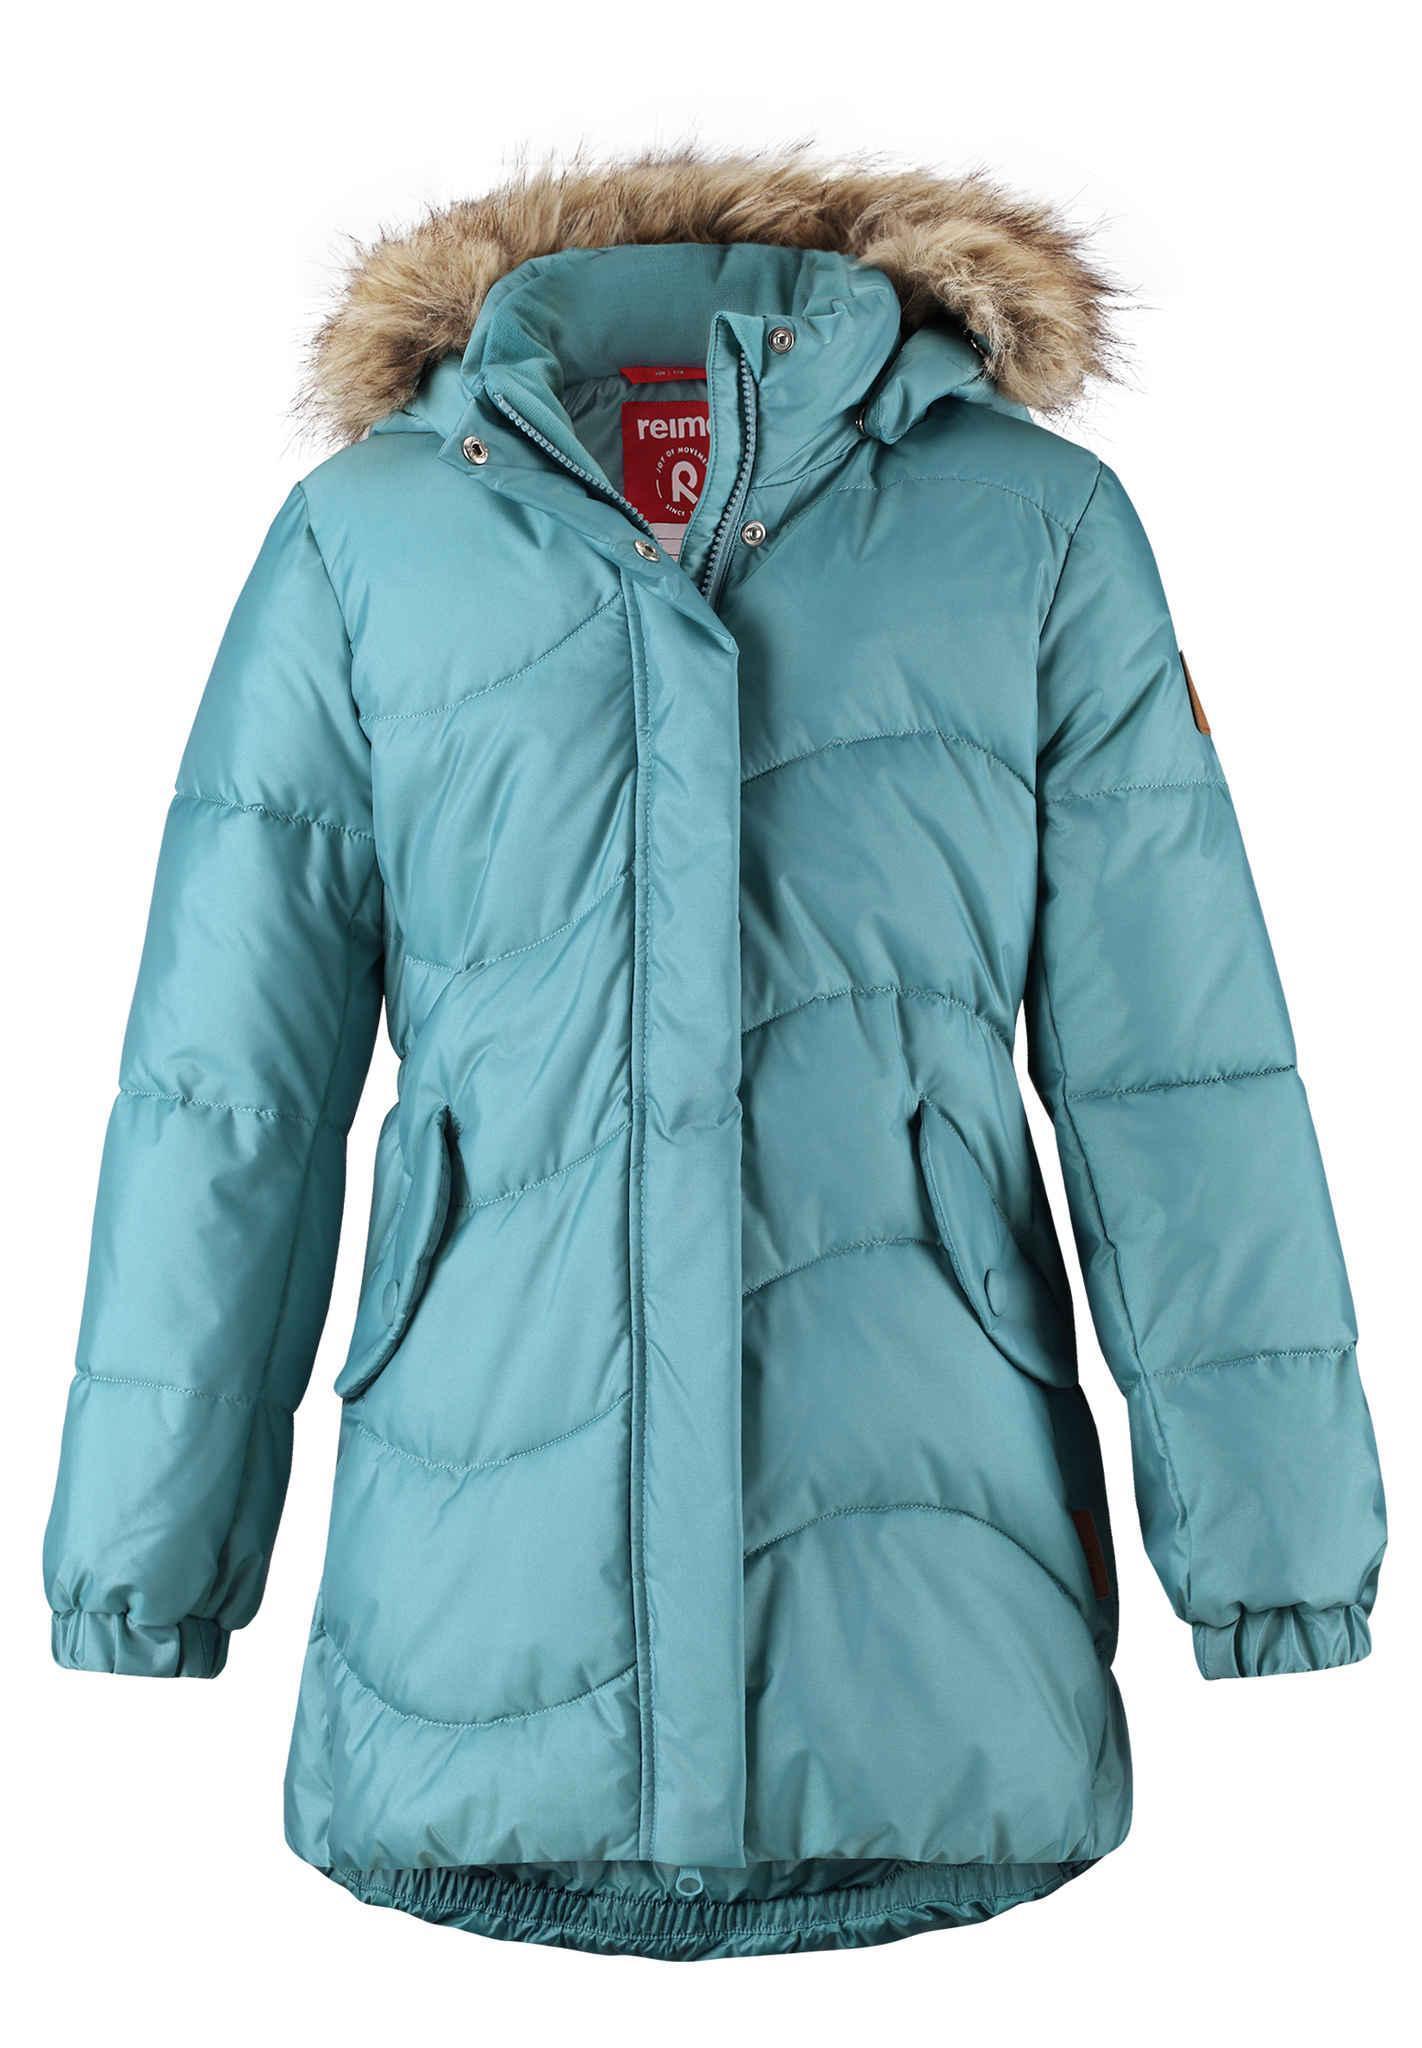 online limitierte Anzahl kosten charm reima Sula Winterjacke Mädchen Turquoise im Online Shop von SportScheck  kaufen